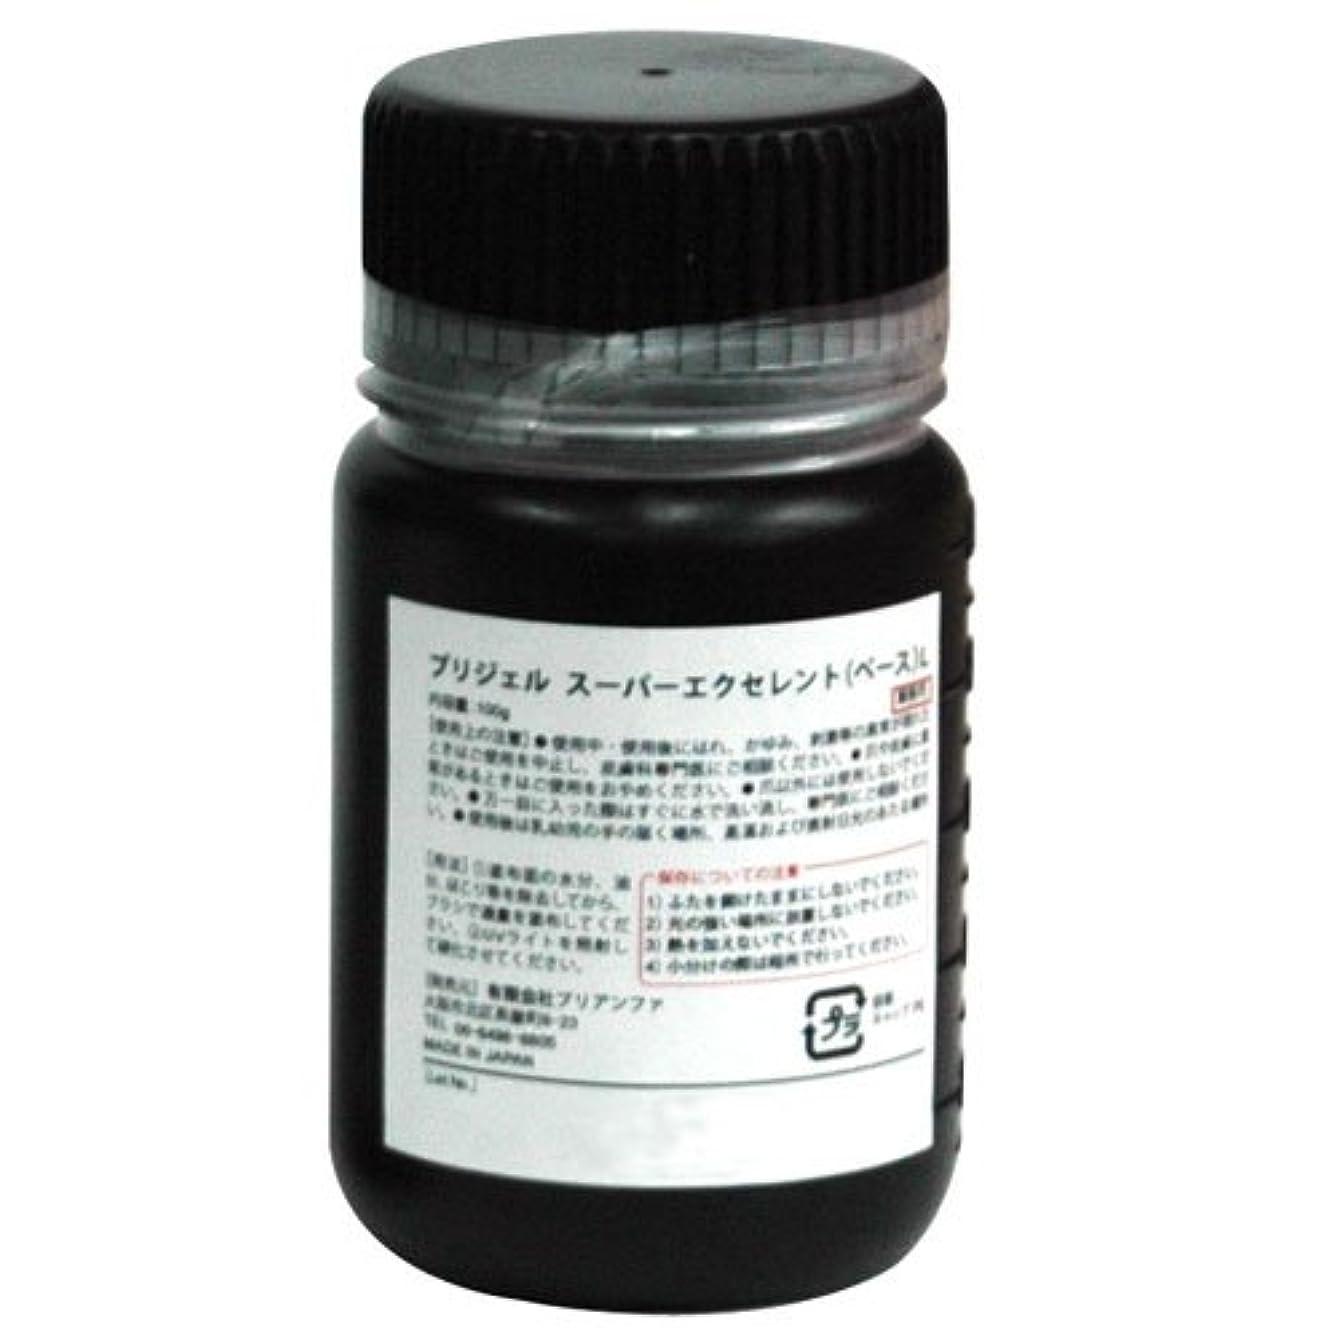 行商出くわすフィクションプリジェル ジェルネイル スーパーエクセレントベース l 100g PG-0SE-100L